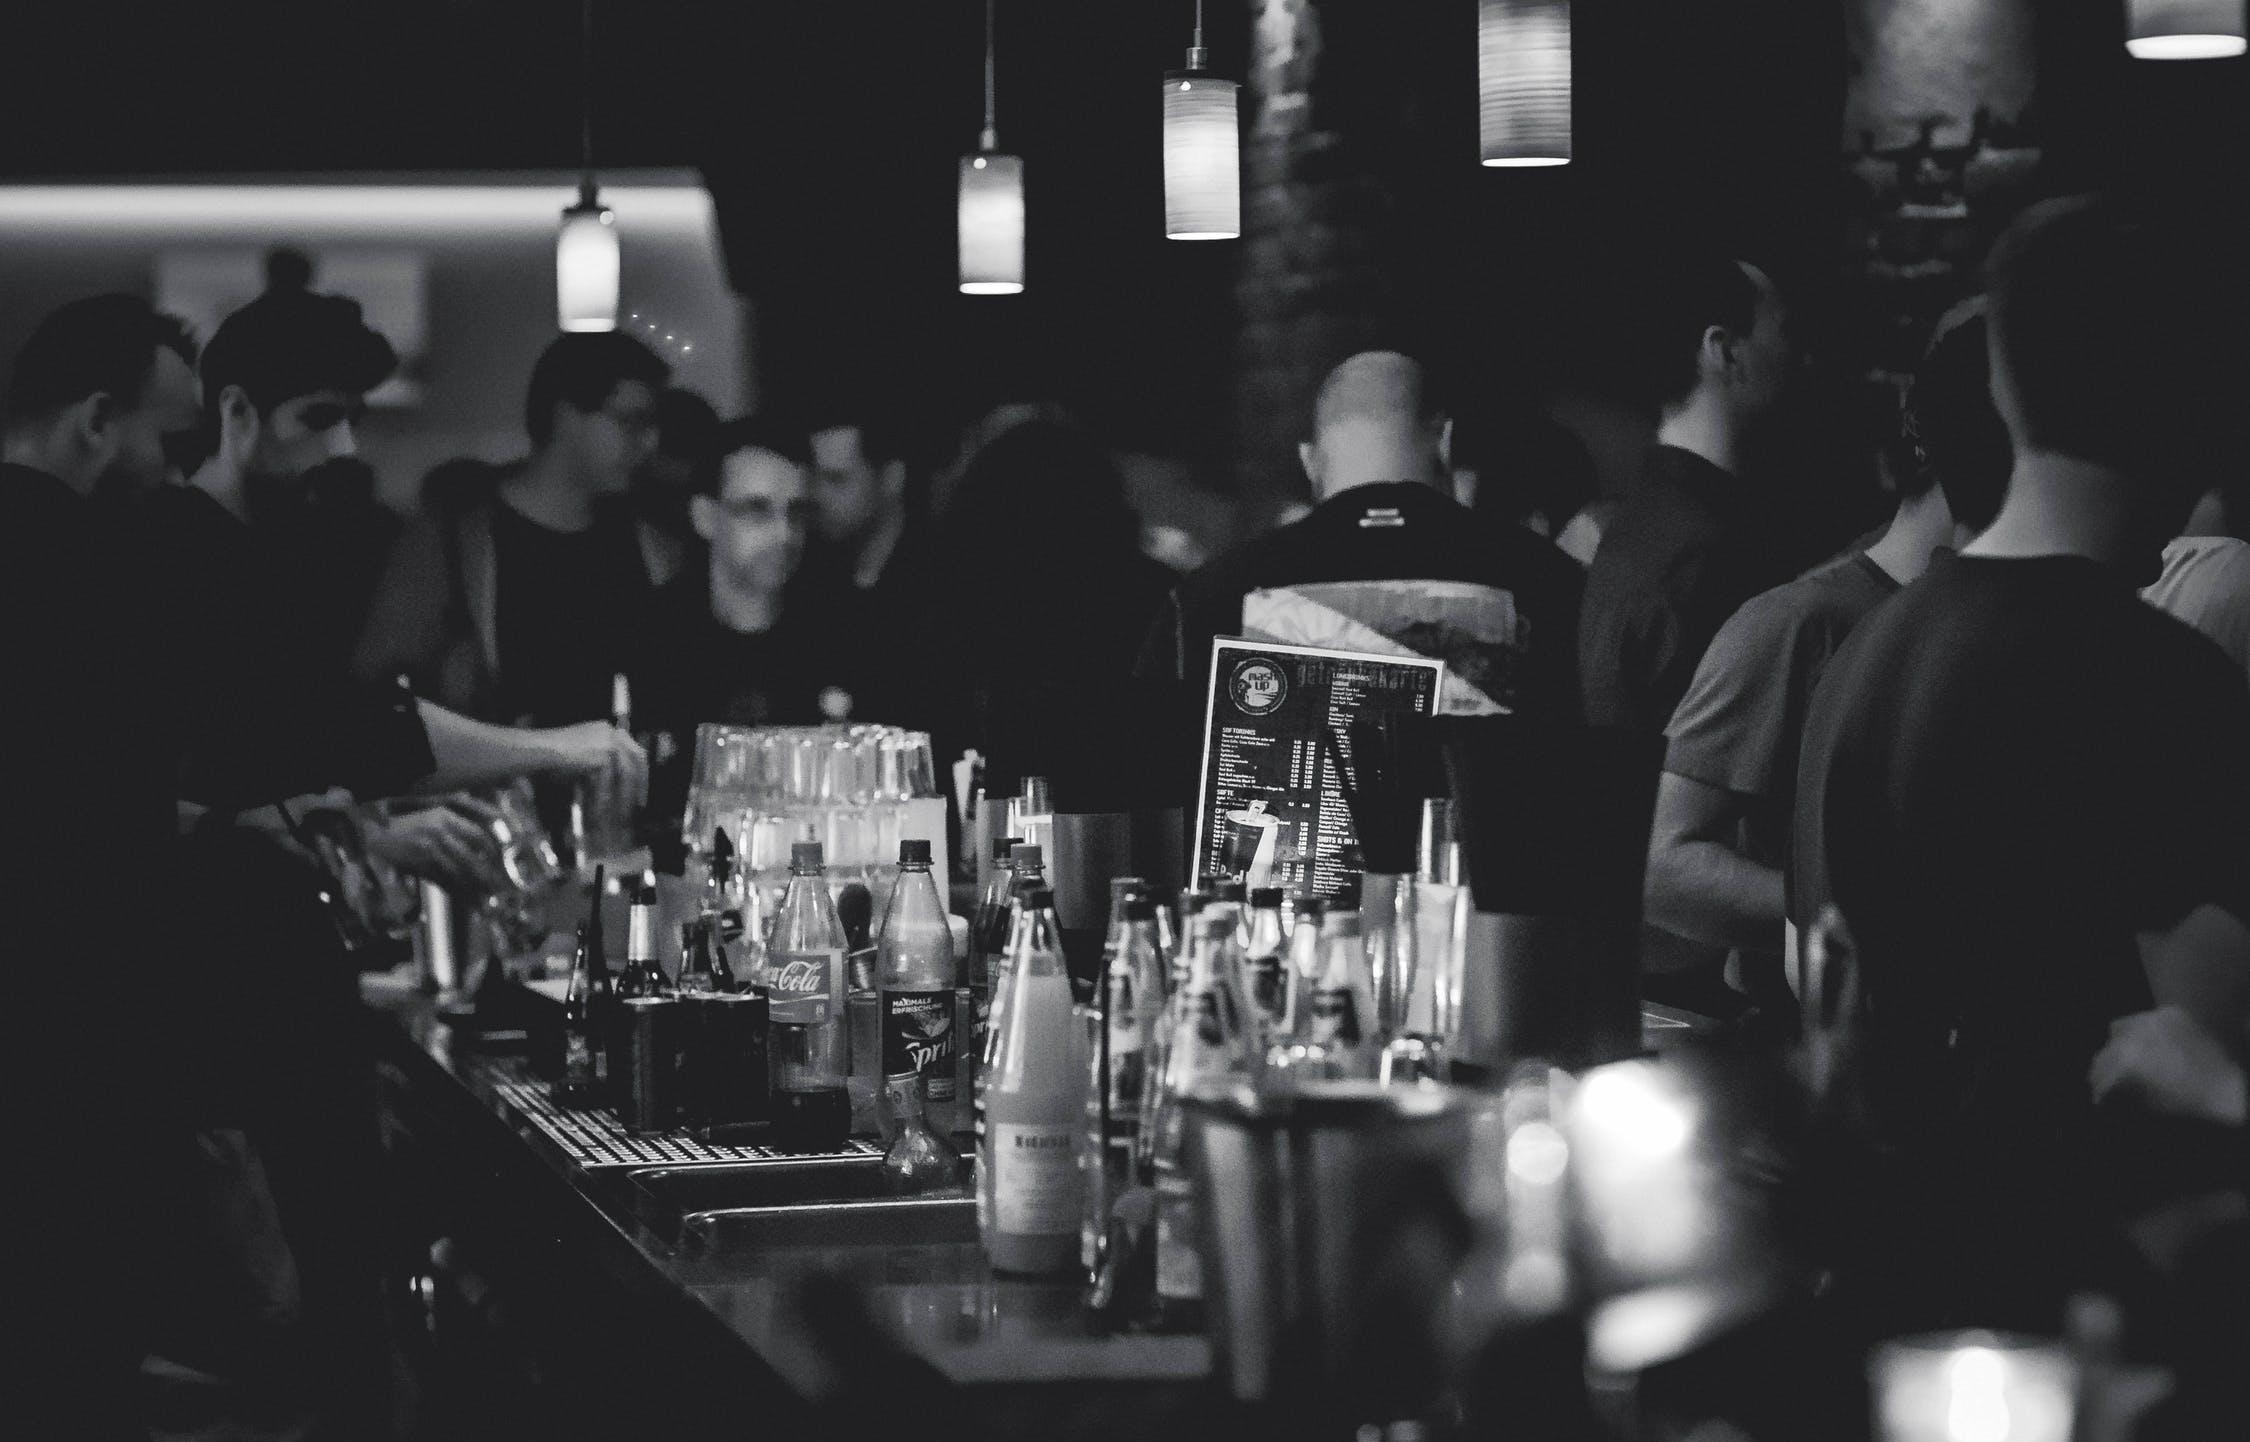 ВТБ: москвичи стали на 20% реже посещать бары и клубы - новости Афанасий